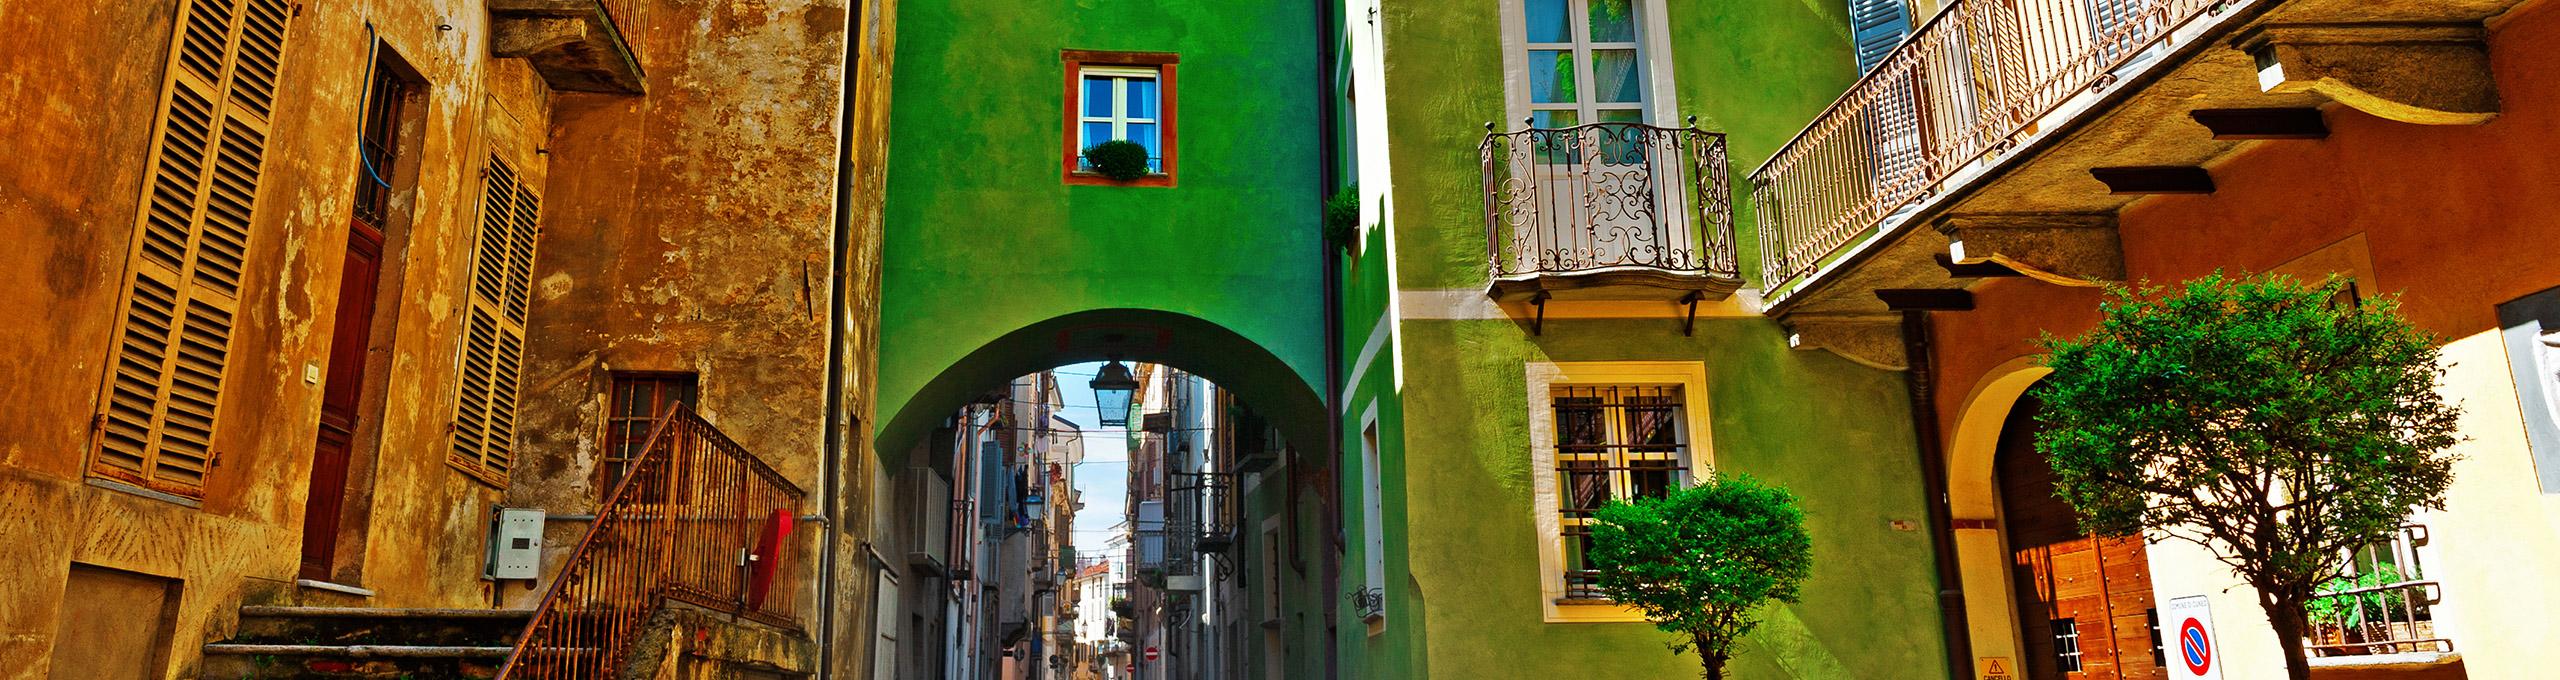 Cuneo, centro storico